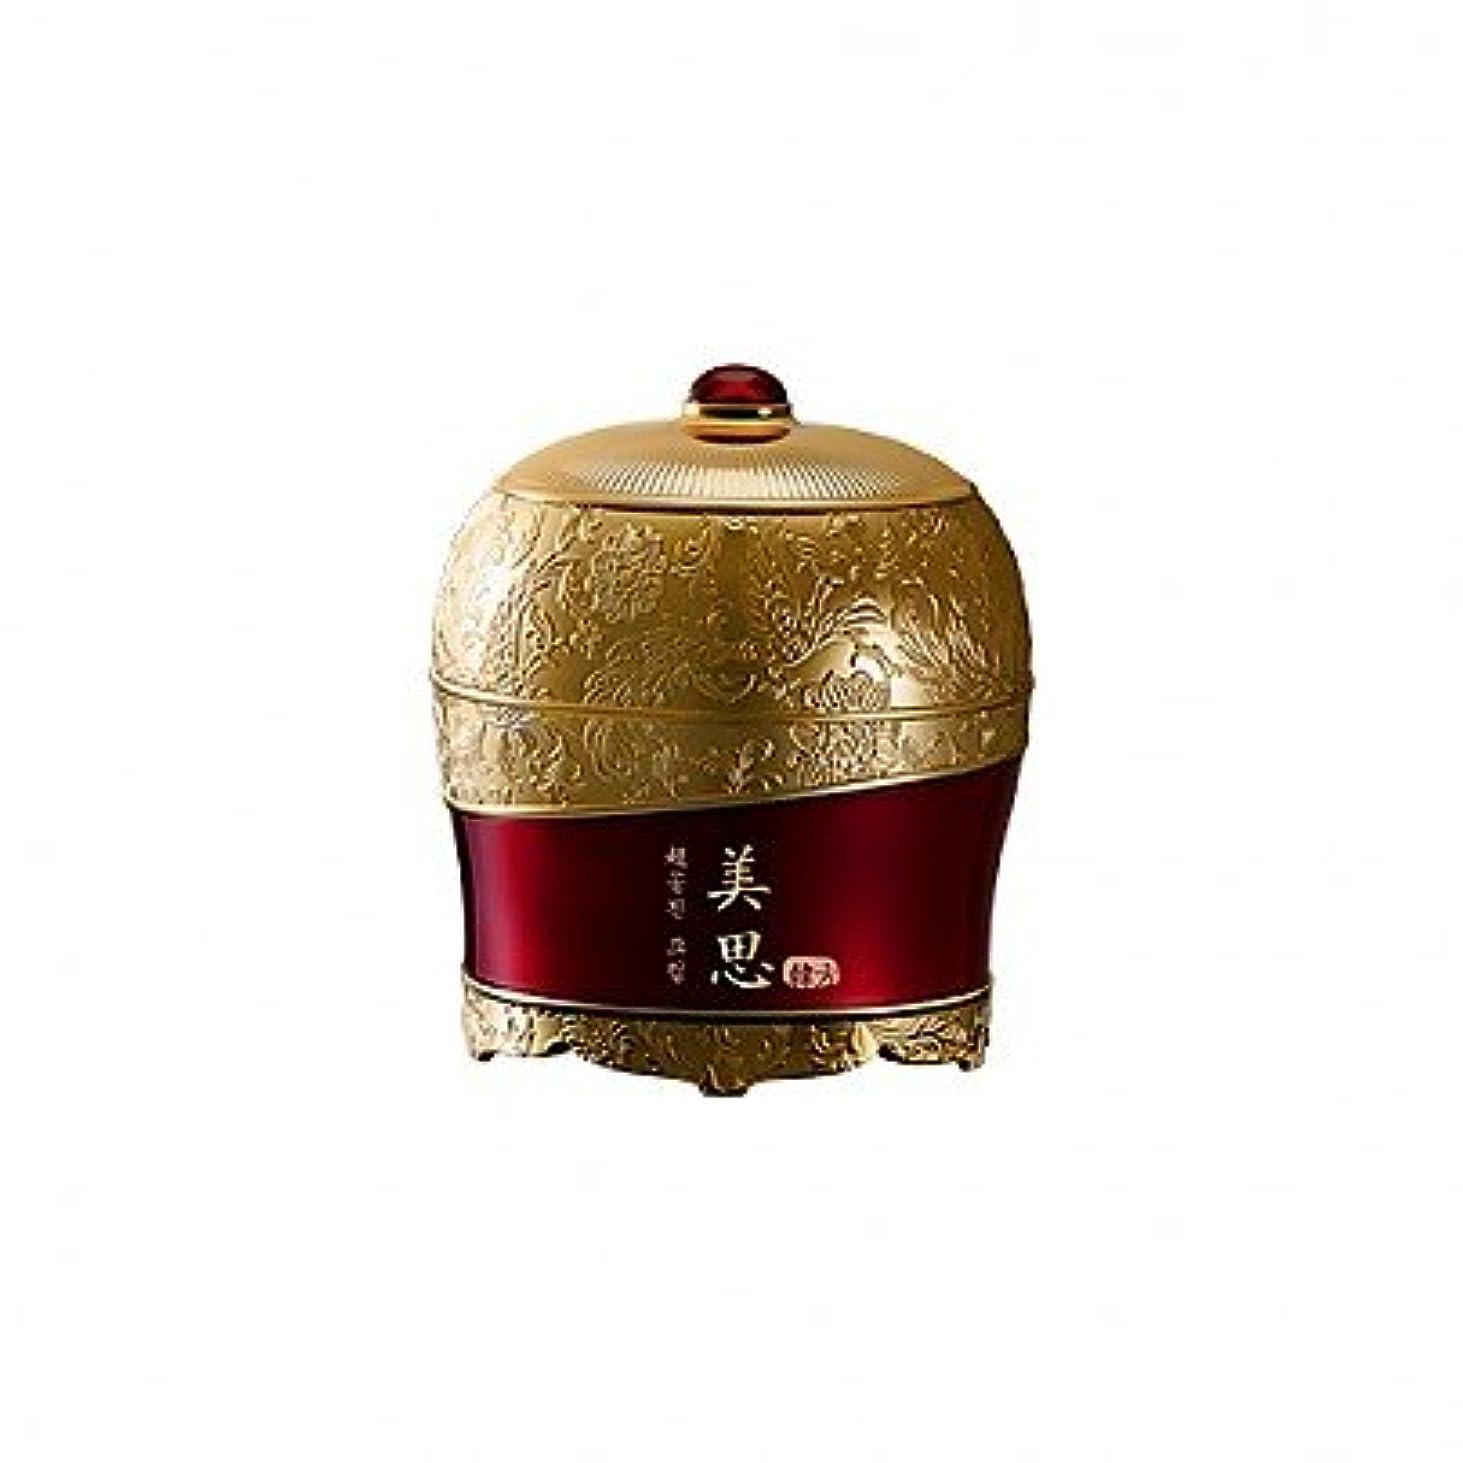 氏香り製油所MISSHA/ミシャ チョゴンジン クリーム (旧チョボヤン) 60ml[海外直送品]